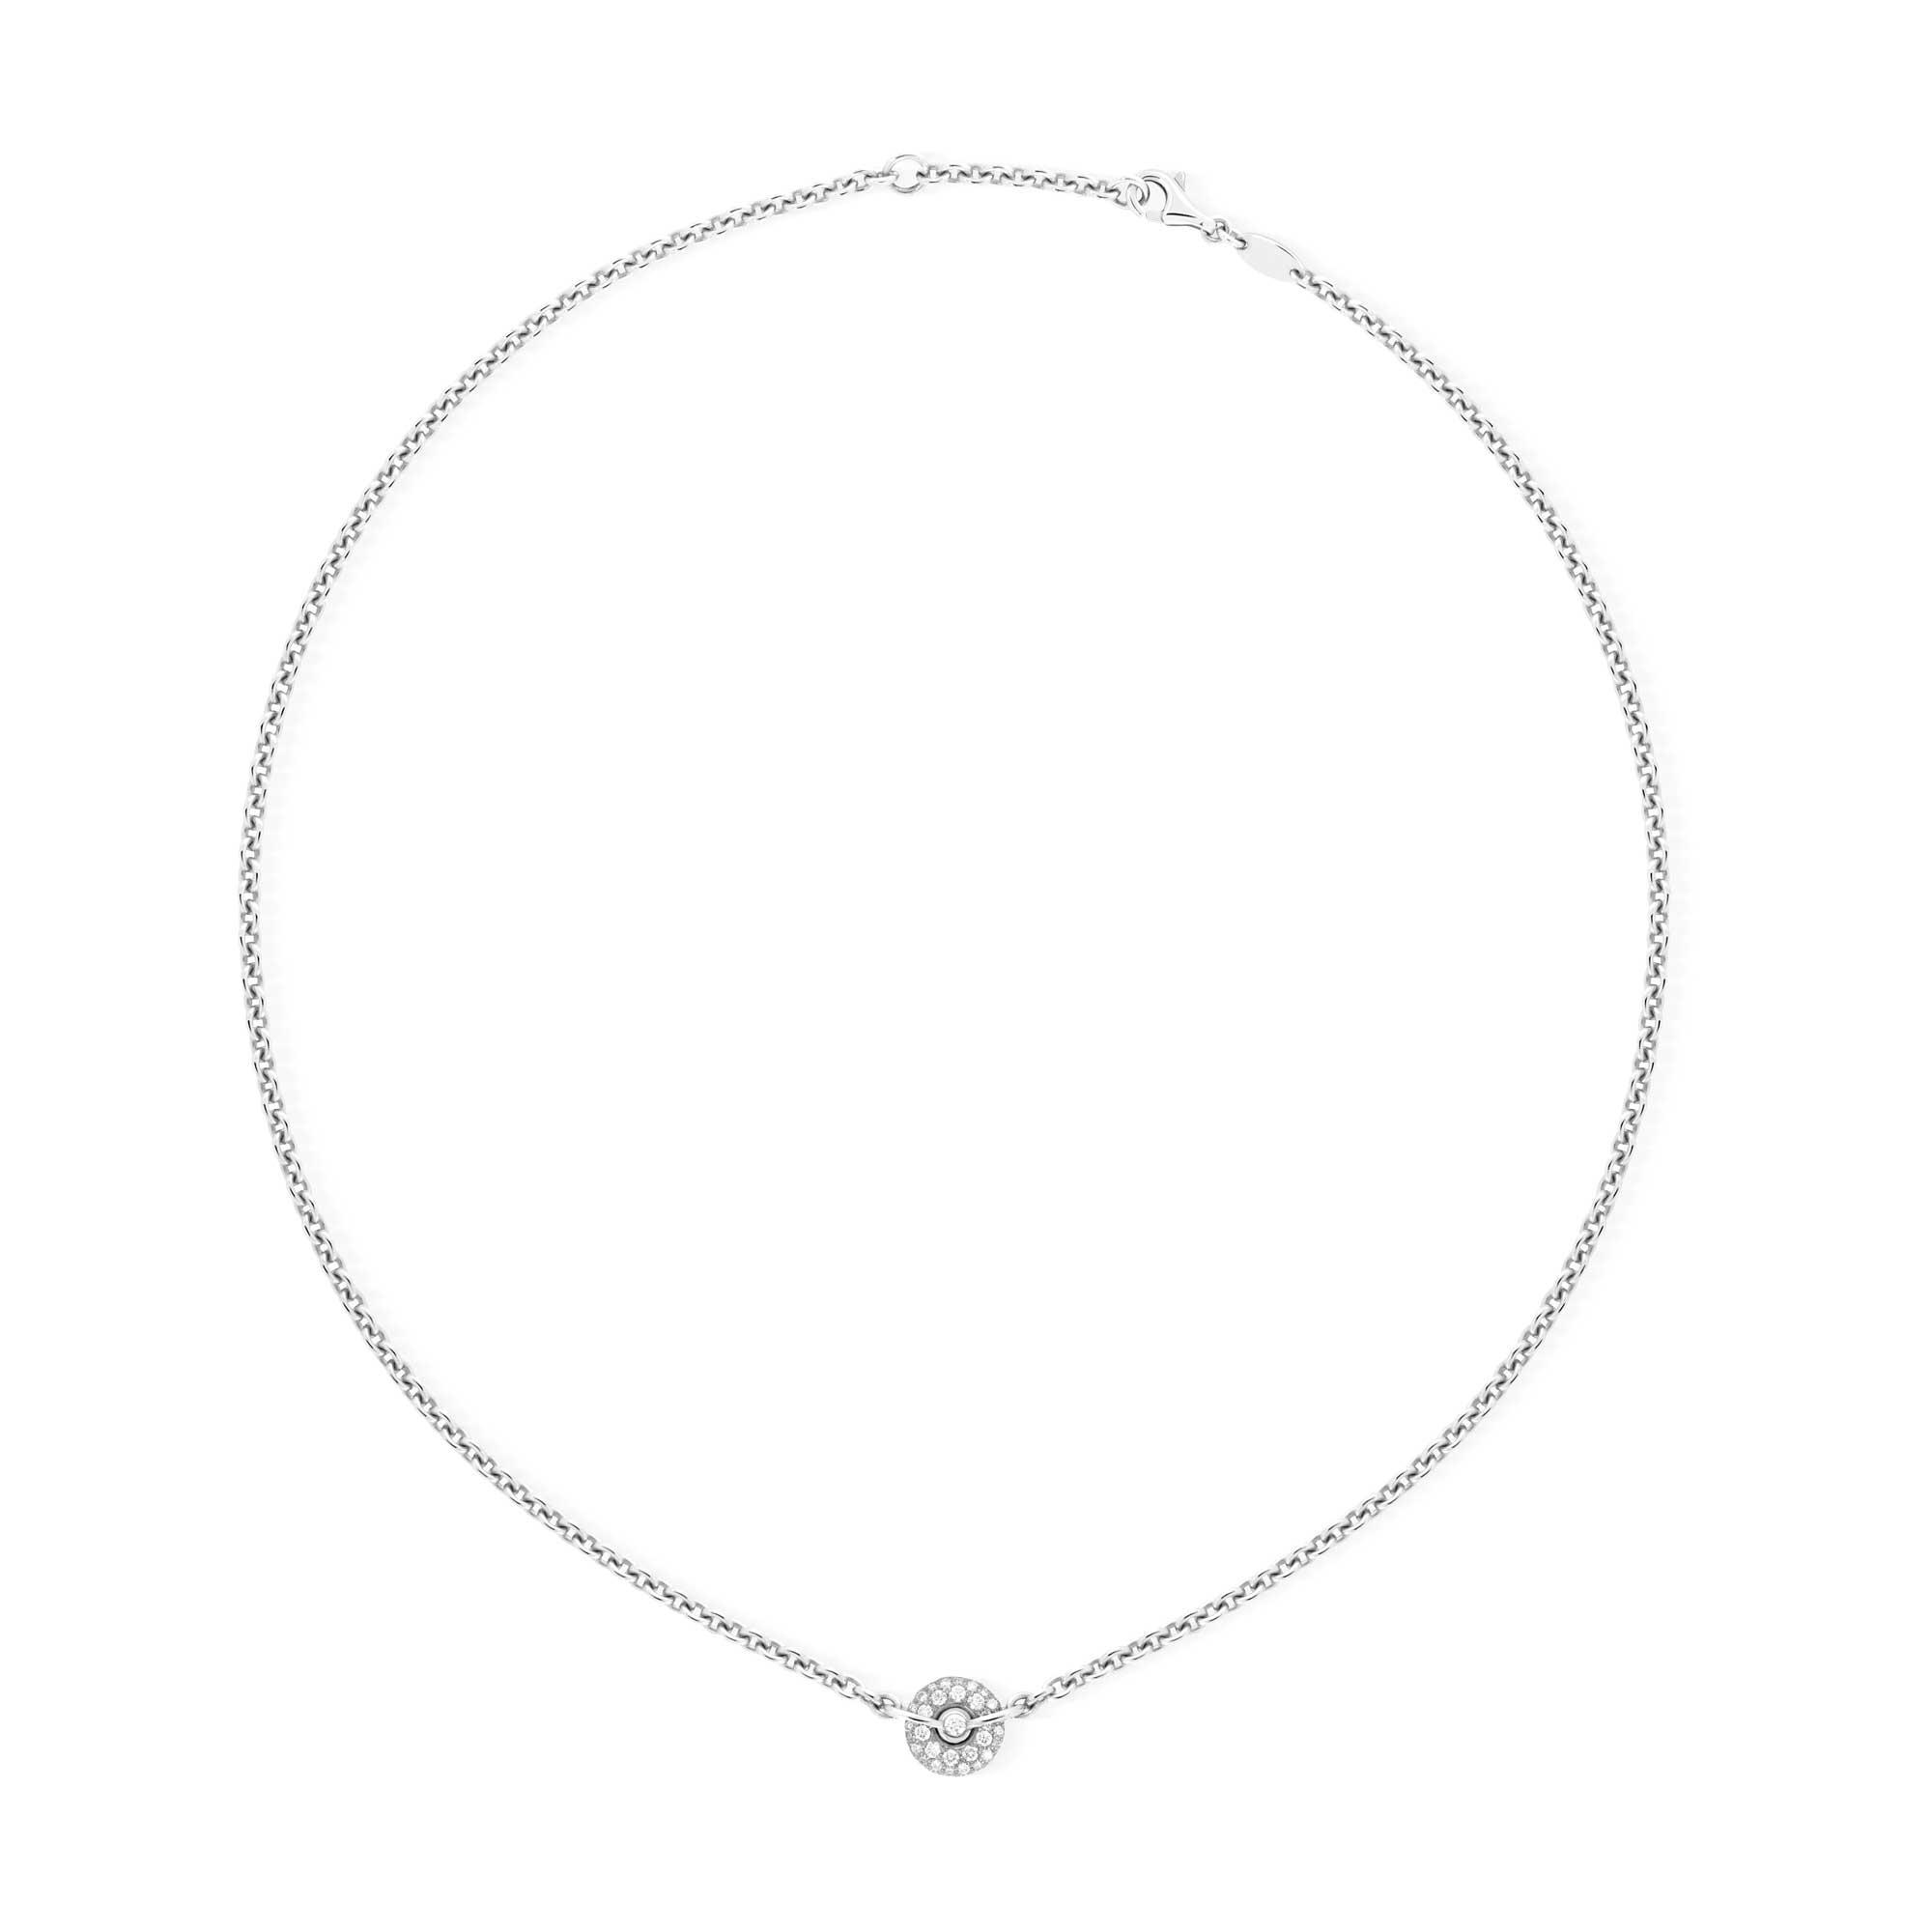 Collier chaine or gris et diamants - Joaillerie Canaglia Paris-Milan